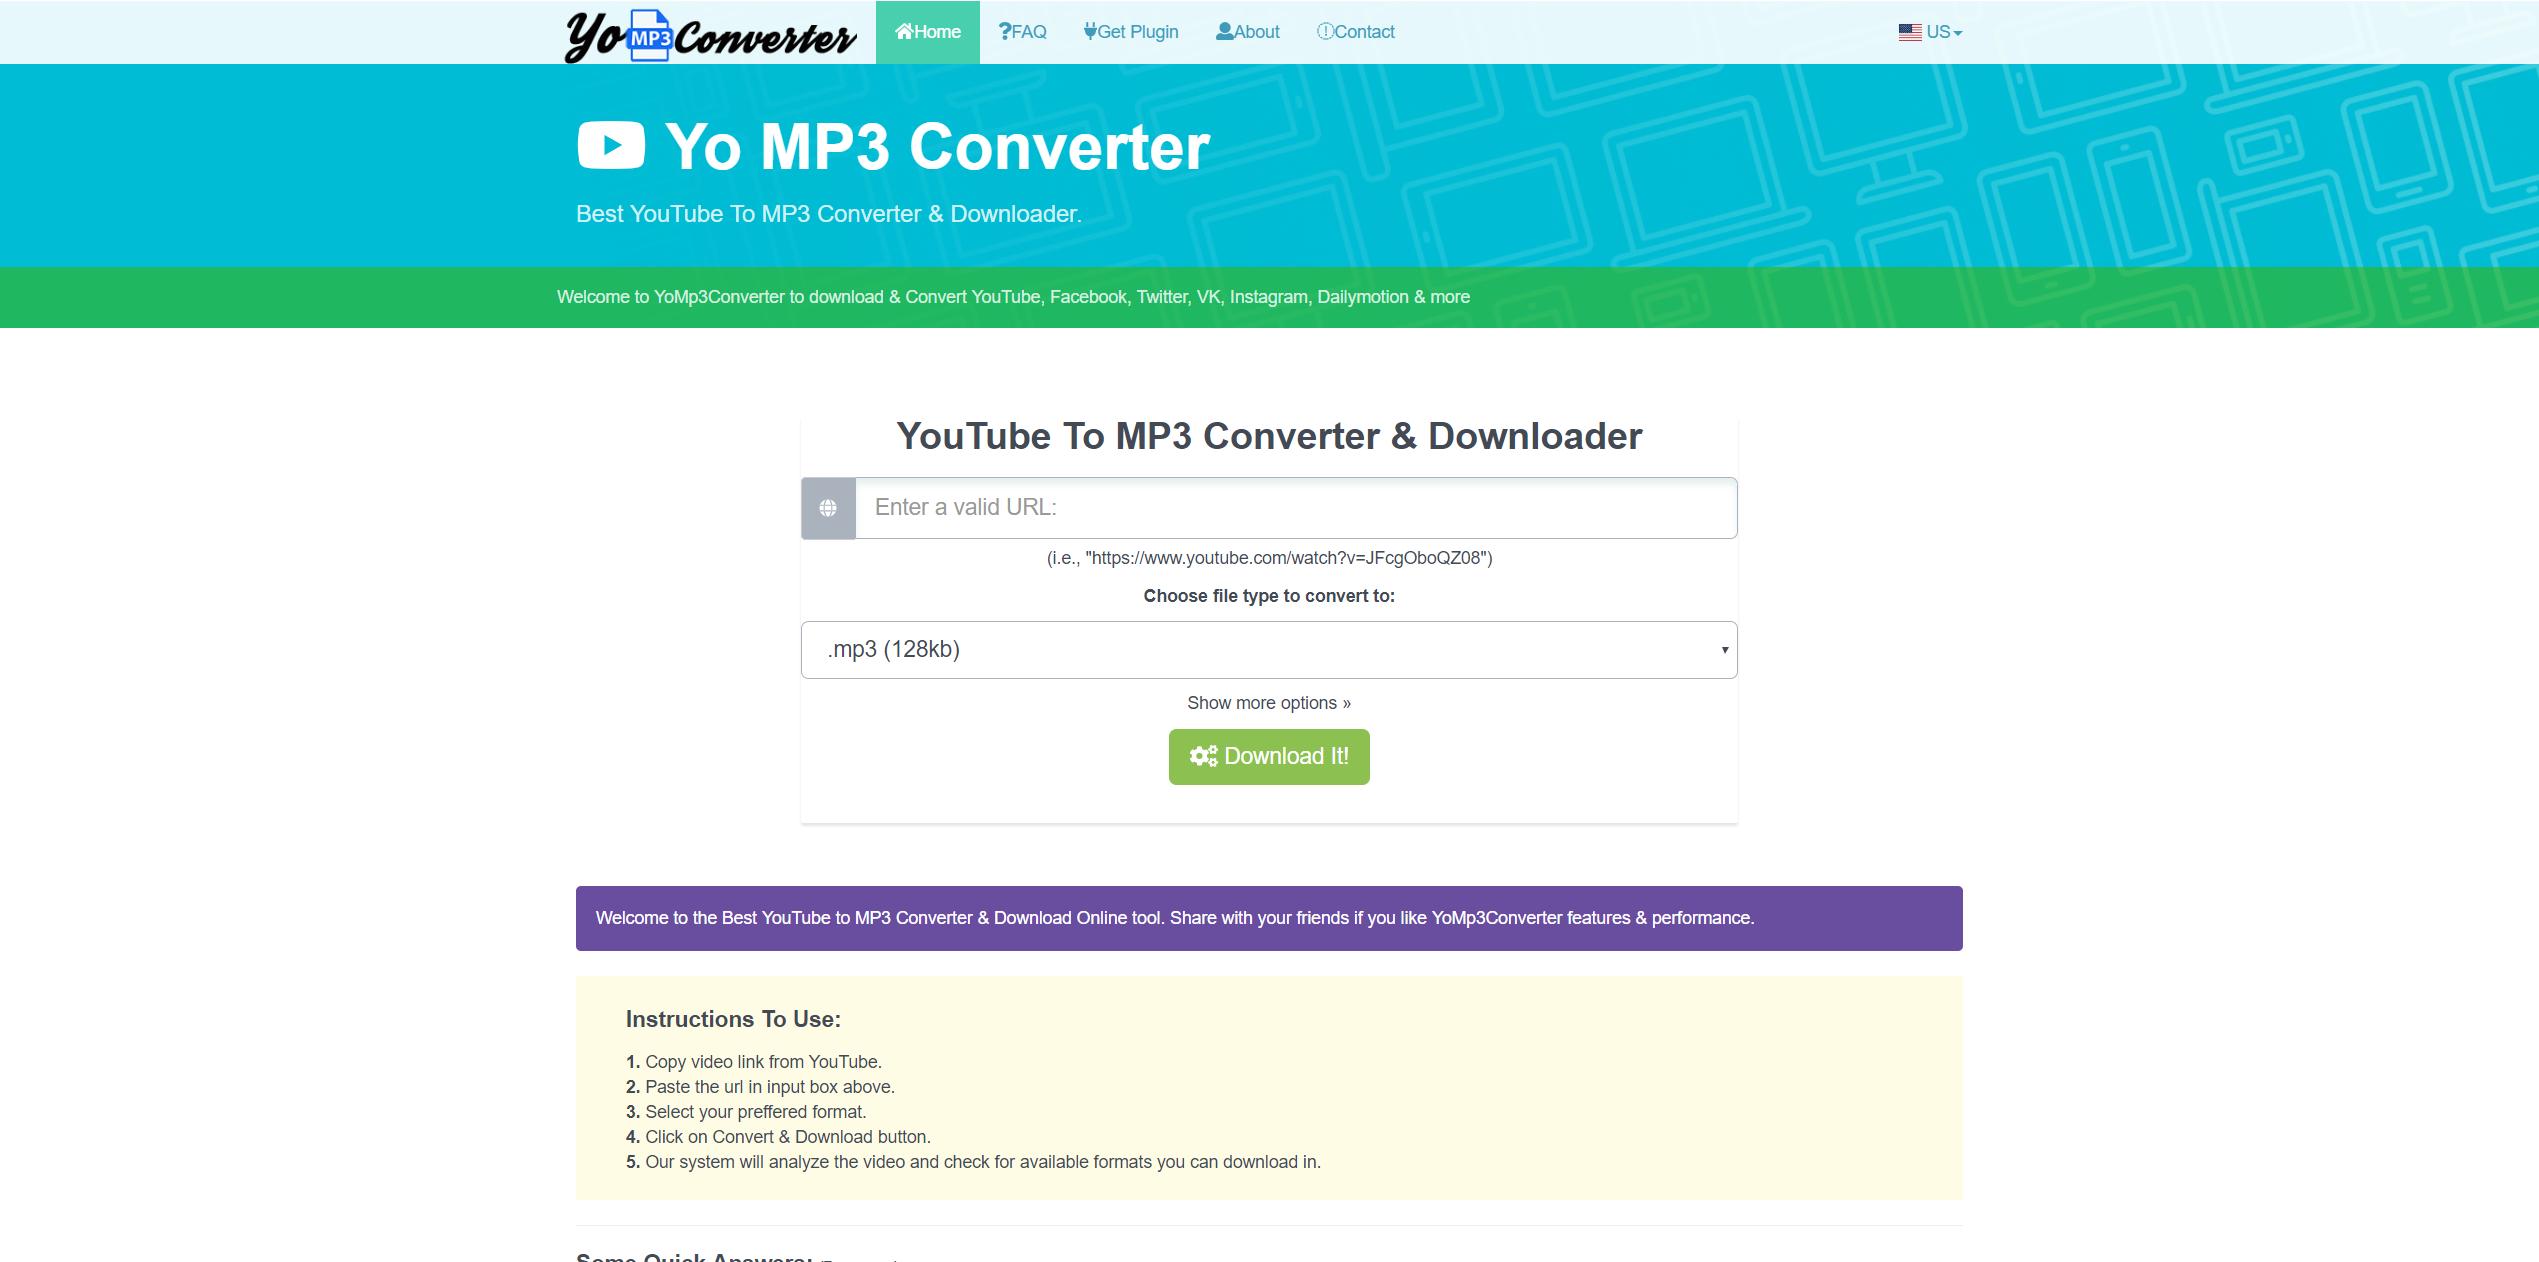 yomp3converter.com